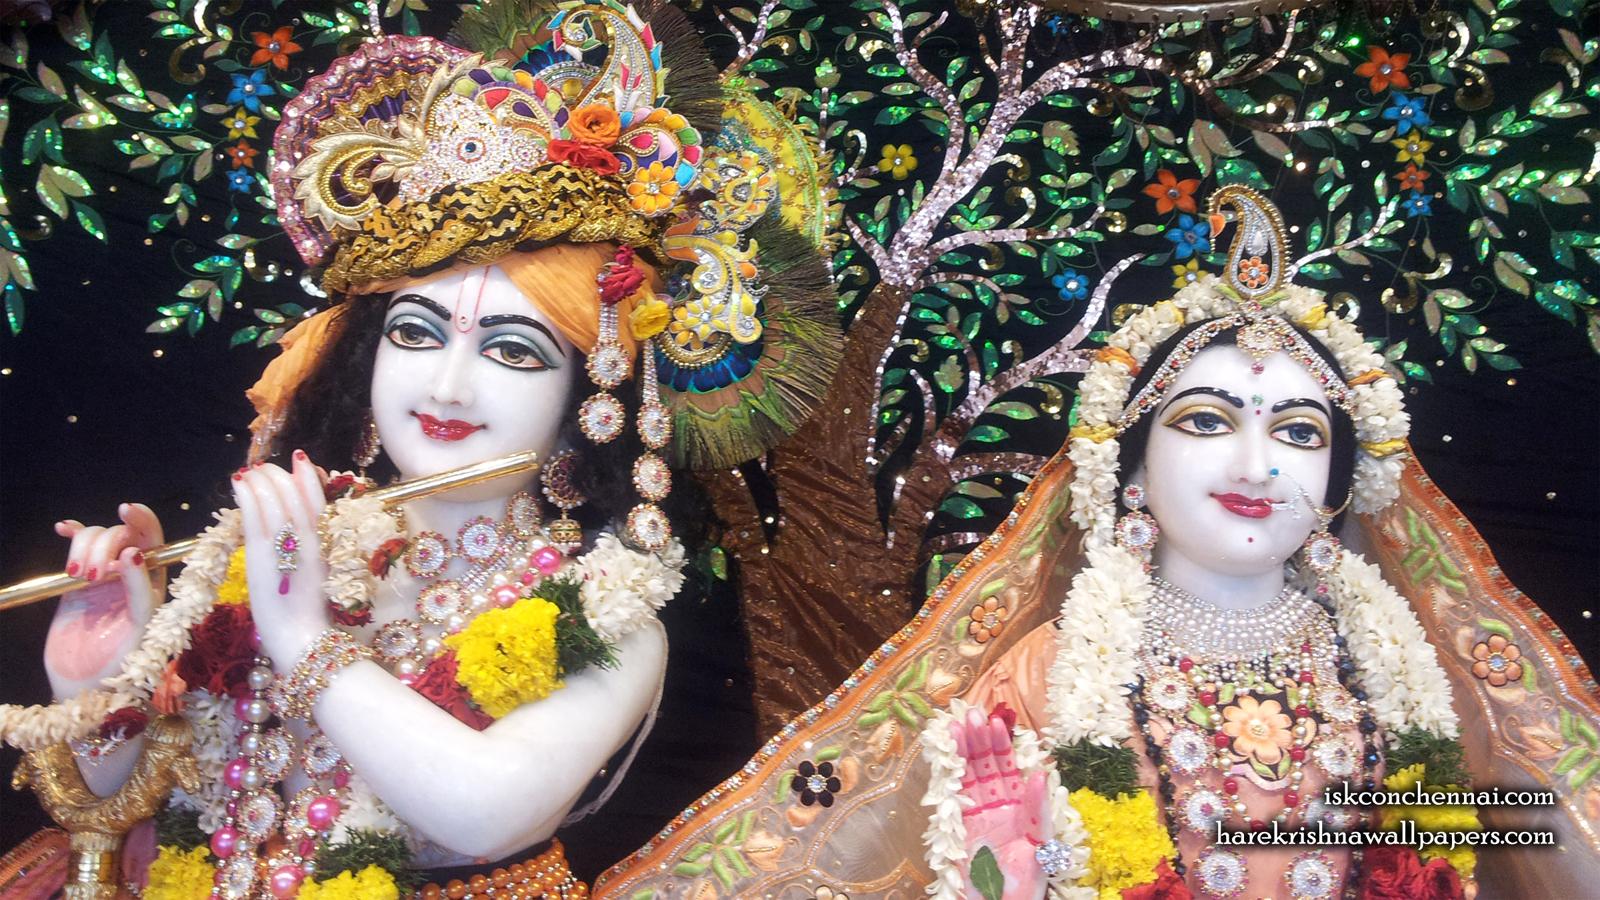 Sri Sri Radha Krishna Close up Wallpaper (008) Size 1600x900 Download